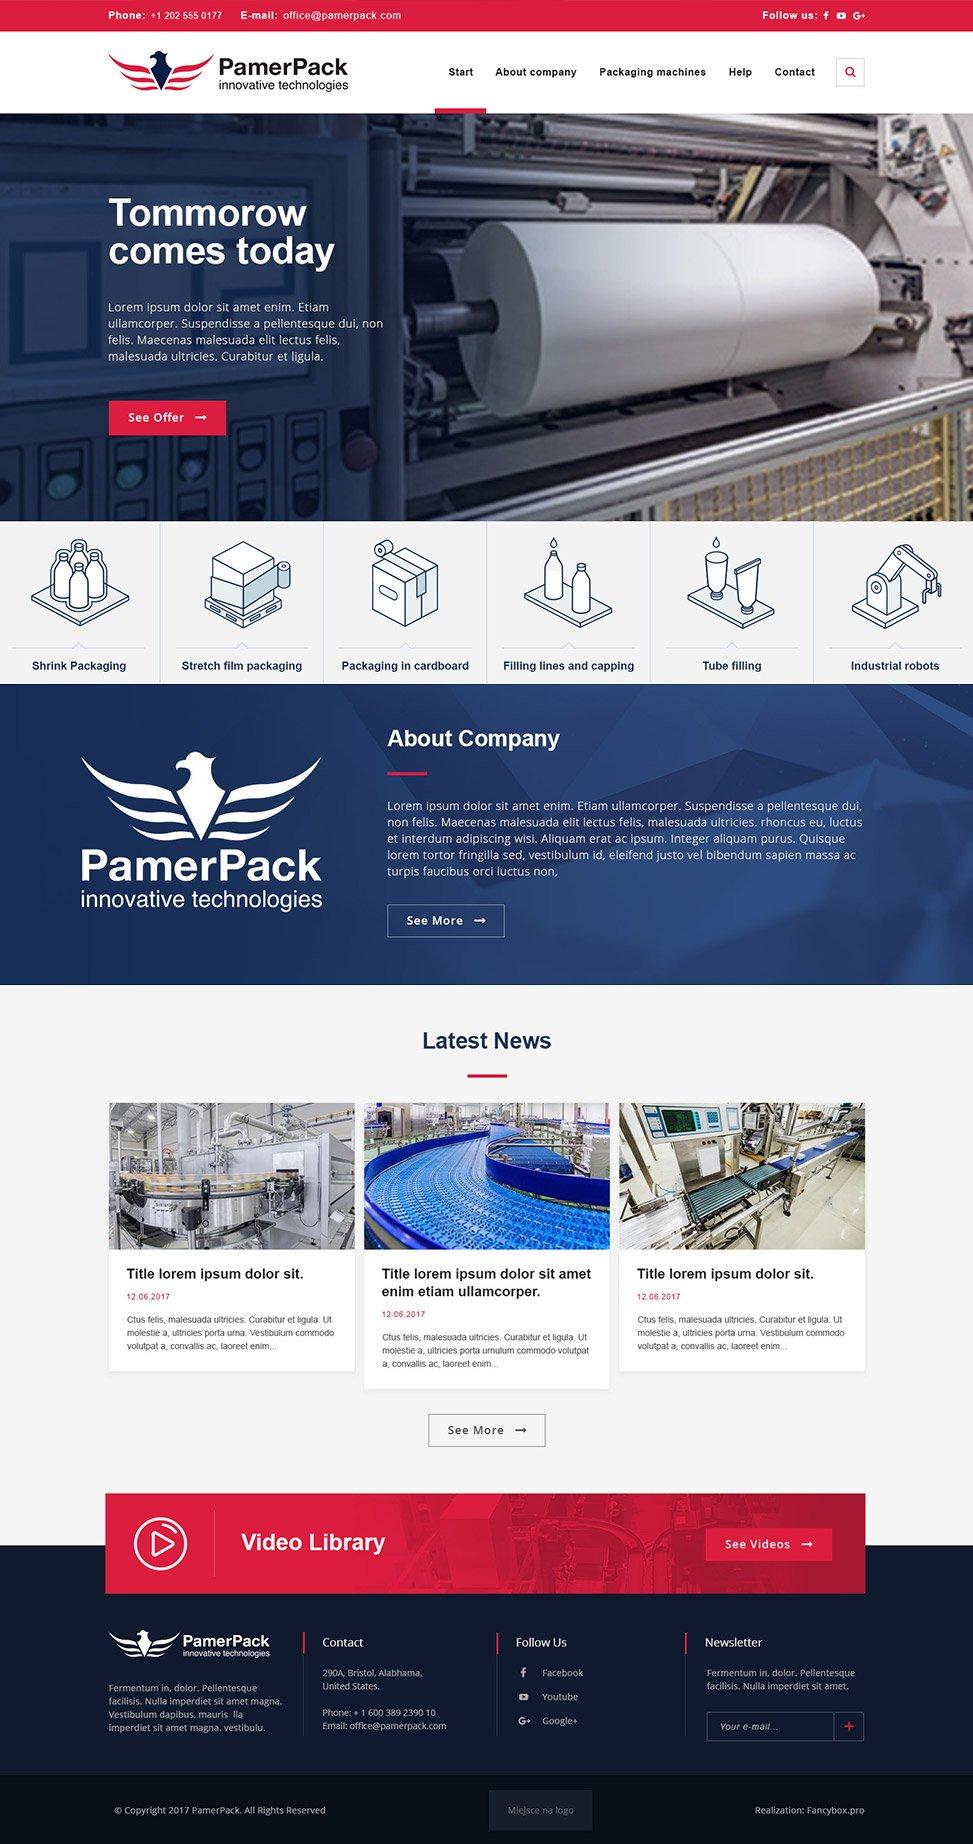 PamerPack